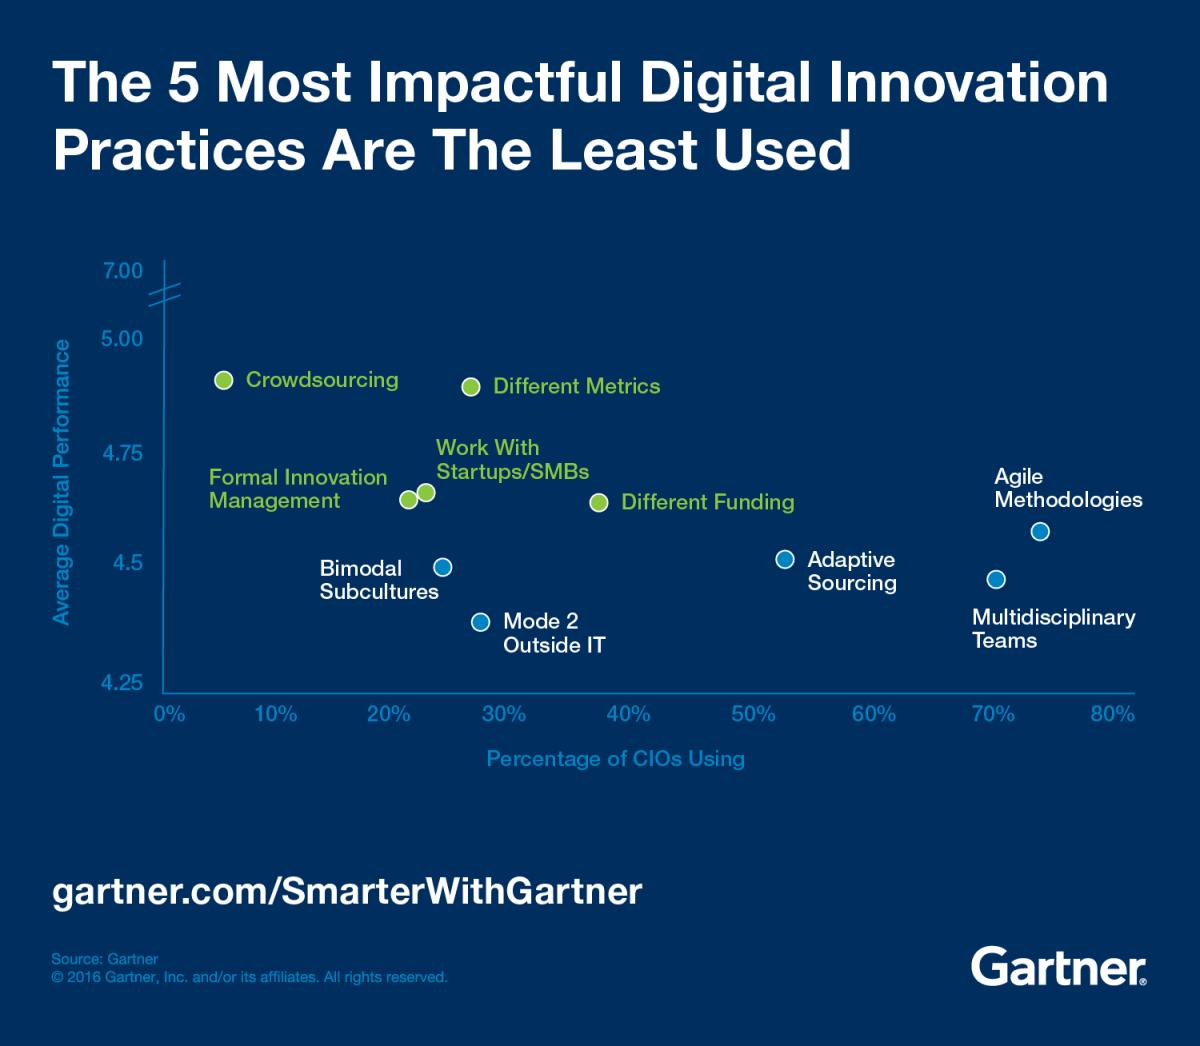 Gartner nombra al crowdsourcing como la práctica de innovación digital con más potencial